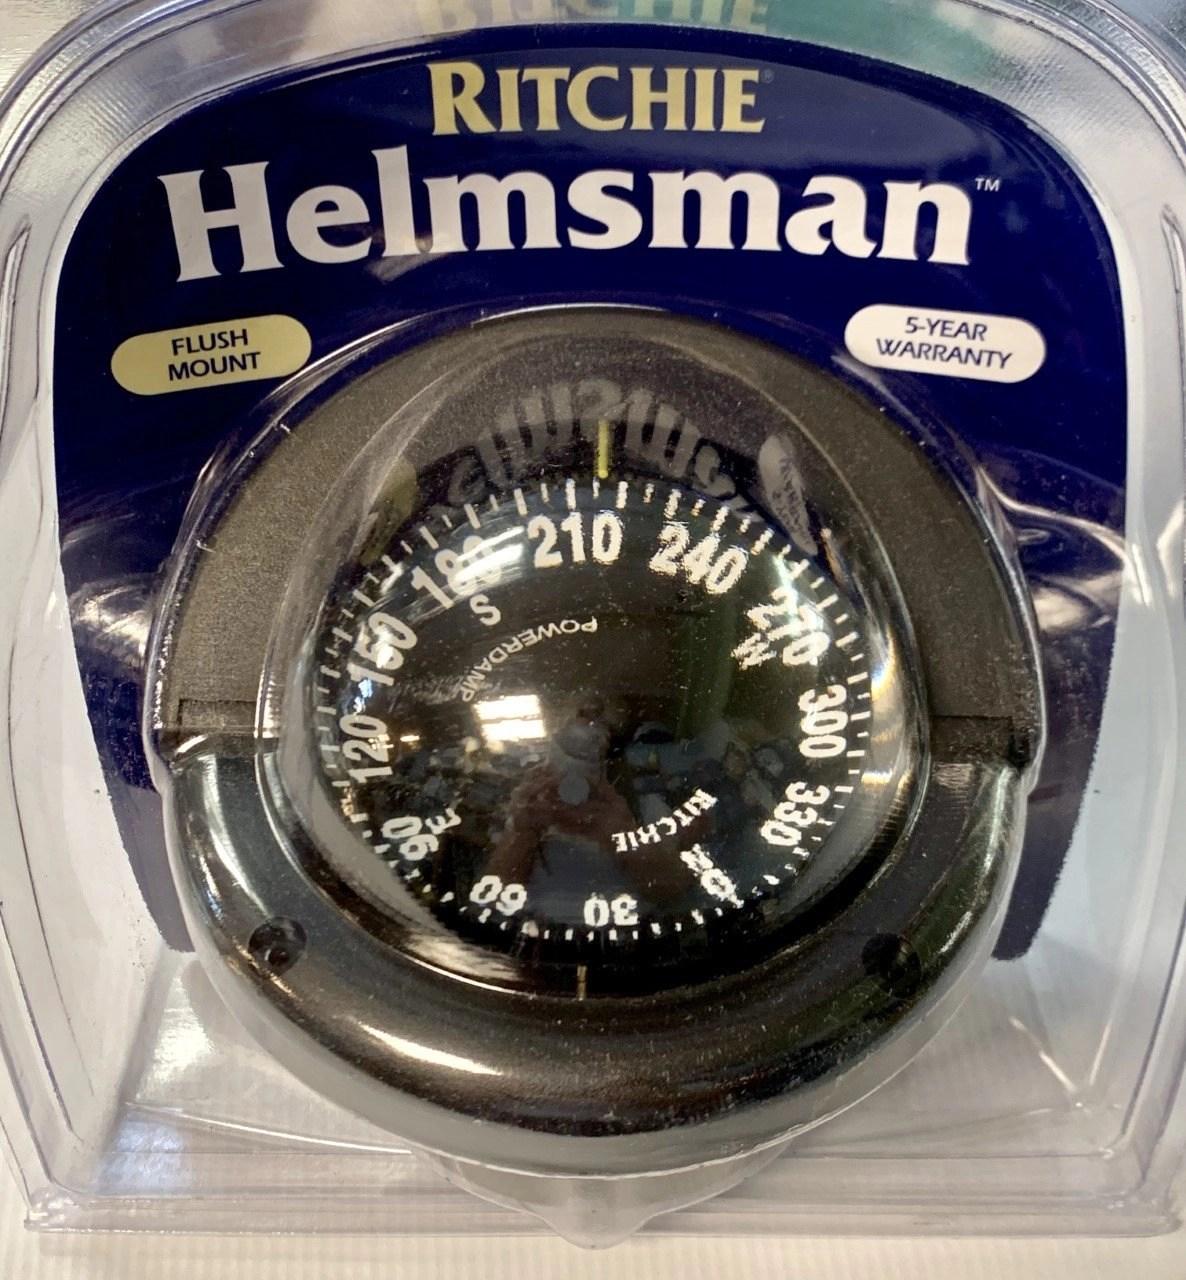 RITCHIE HF-742 HELMSMAN COMPASS